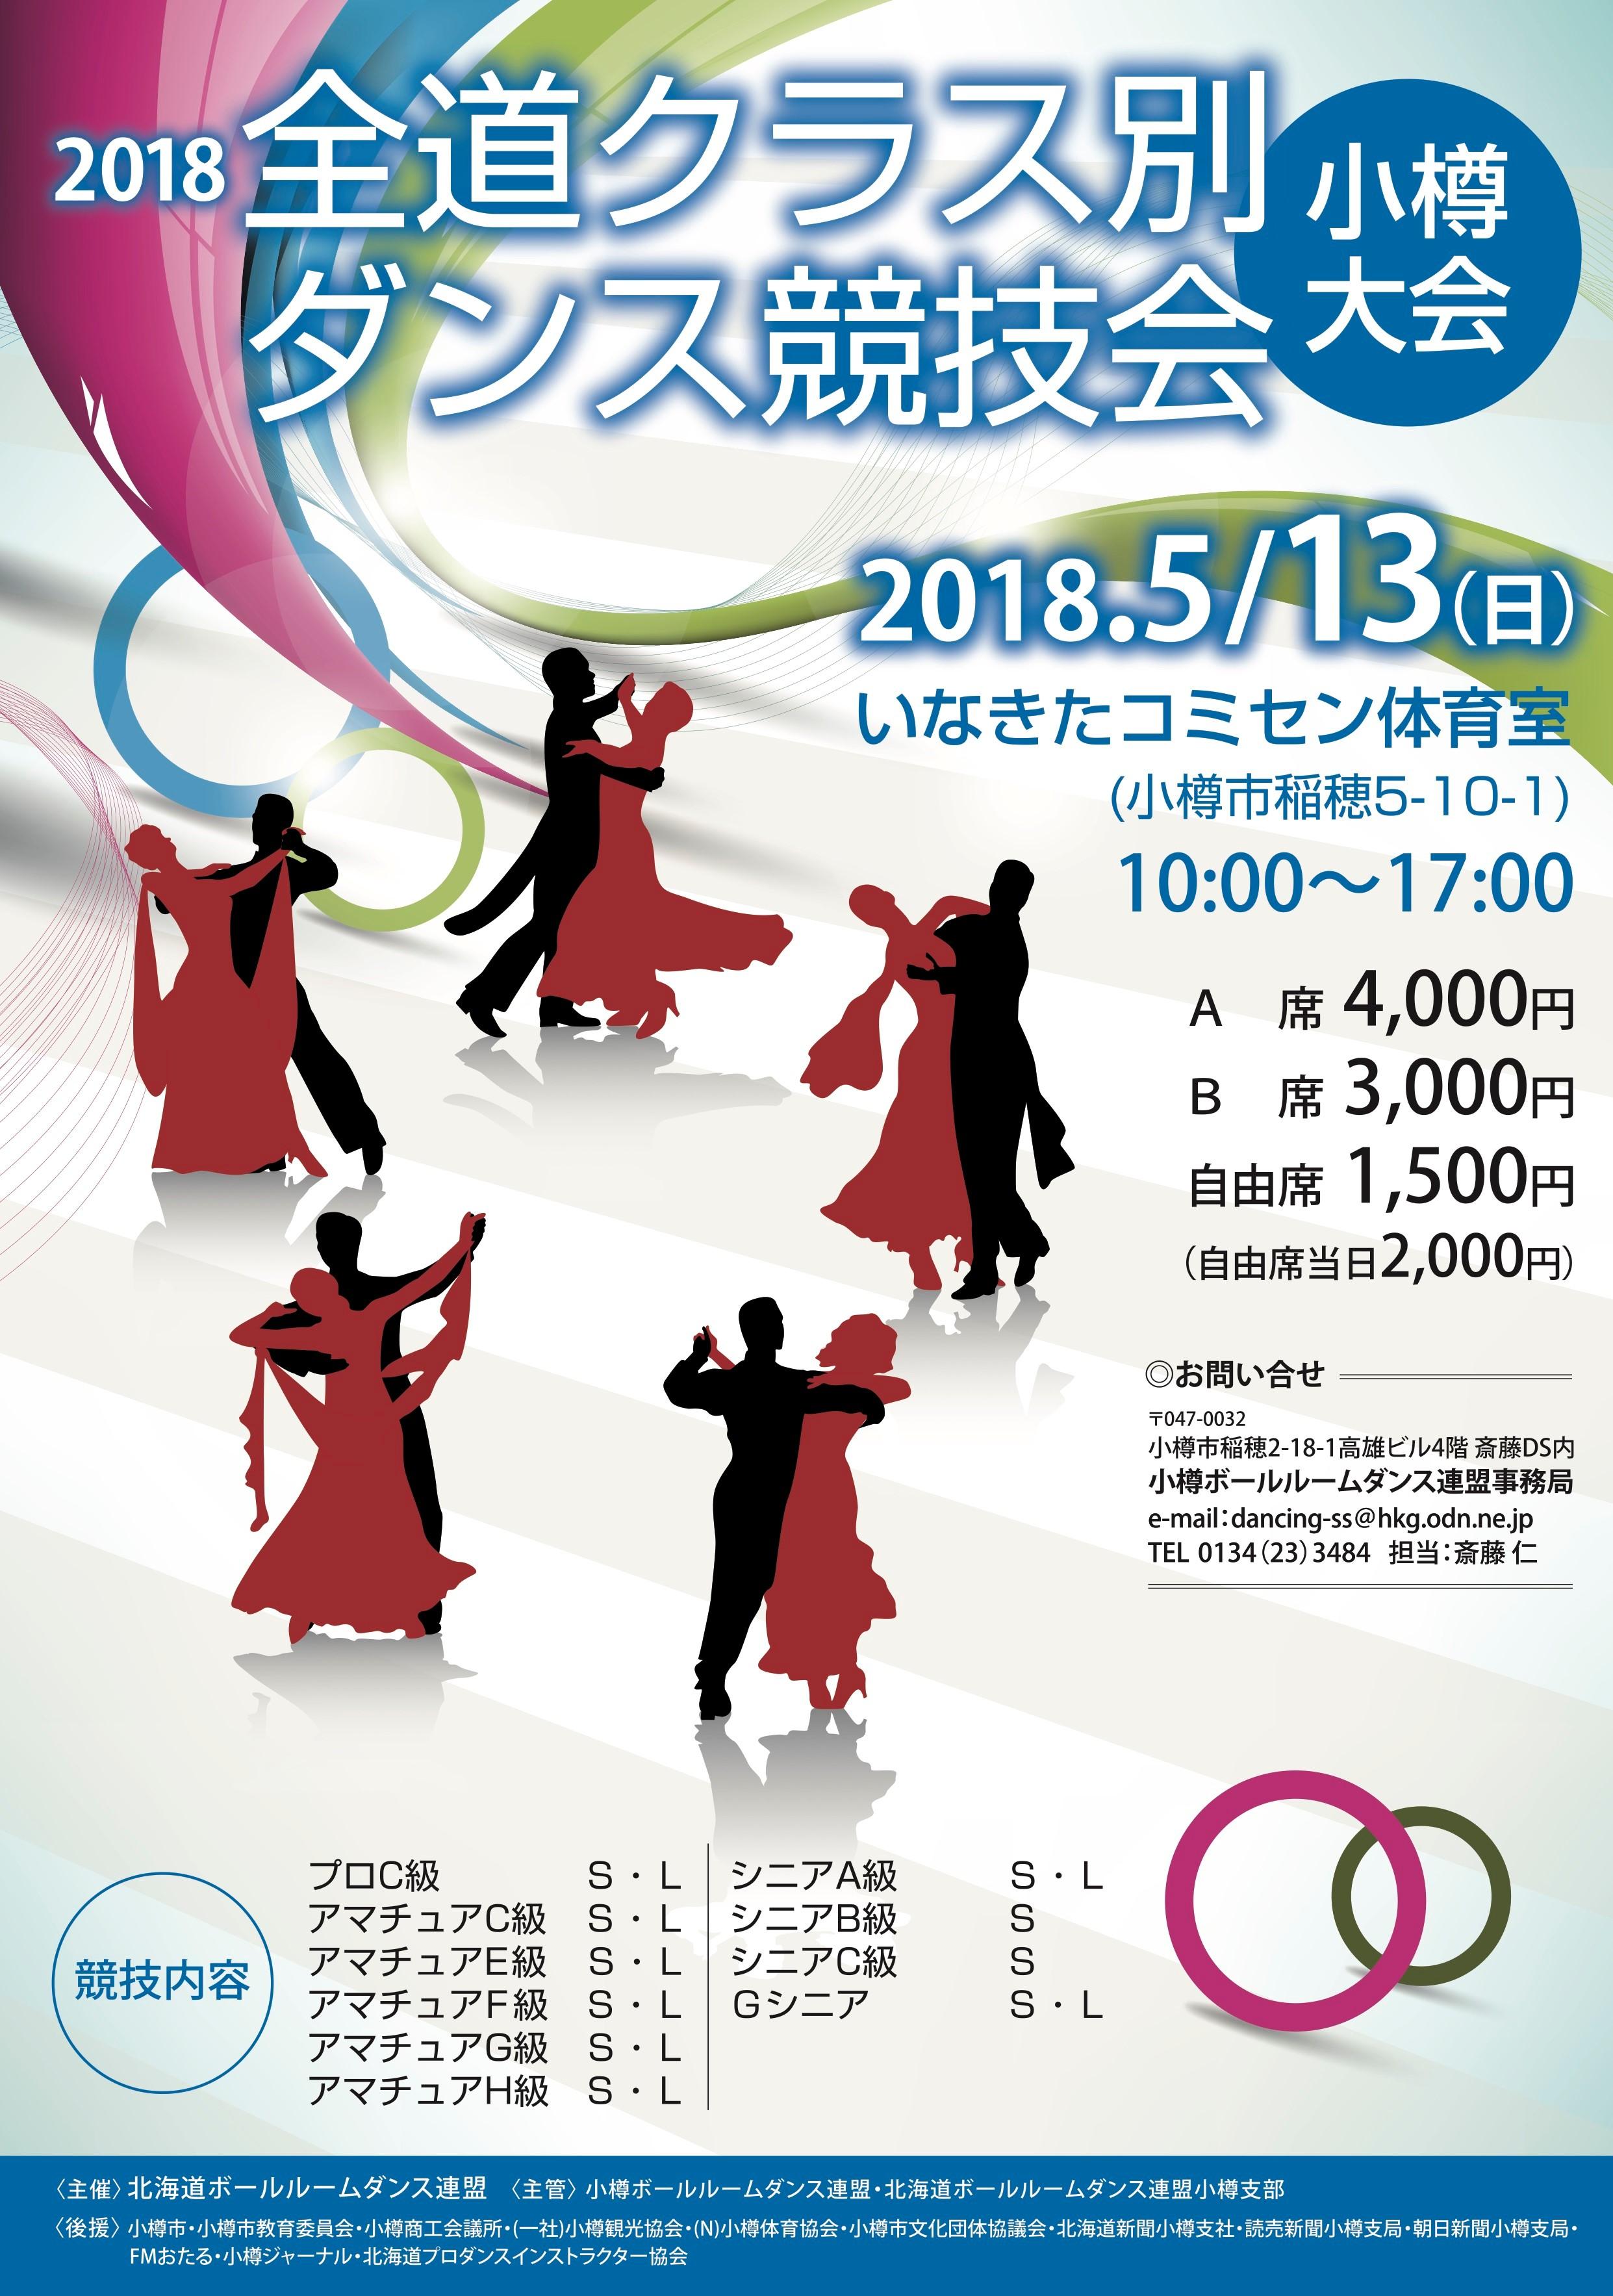 全道クラス別ダンス競技会小樽大会 in いなきたコミュニティセンター 2018年5月13日